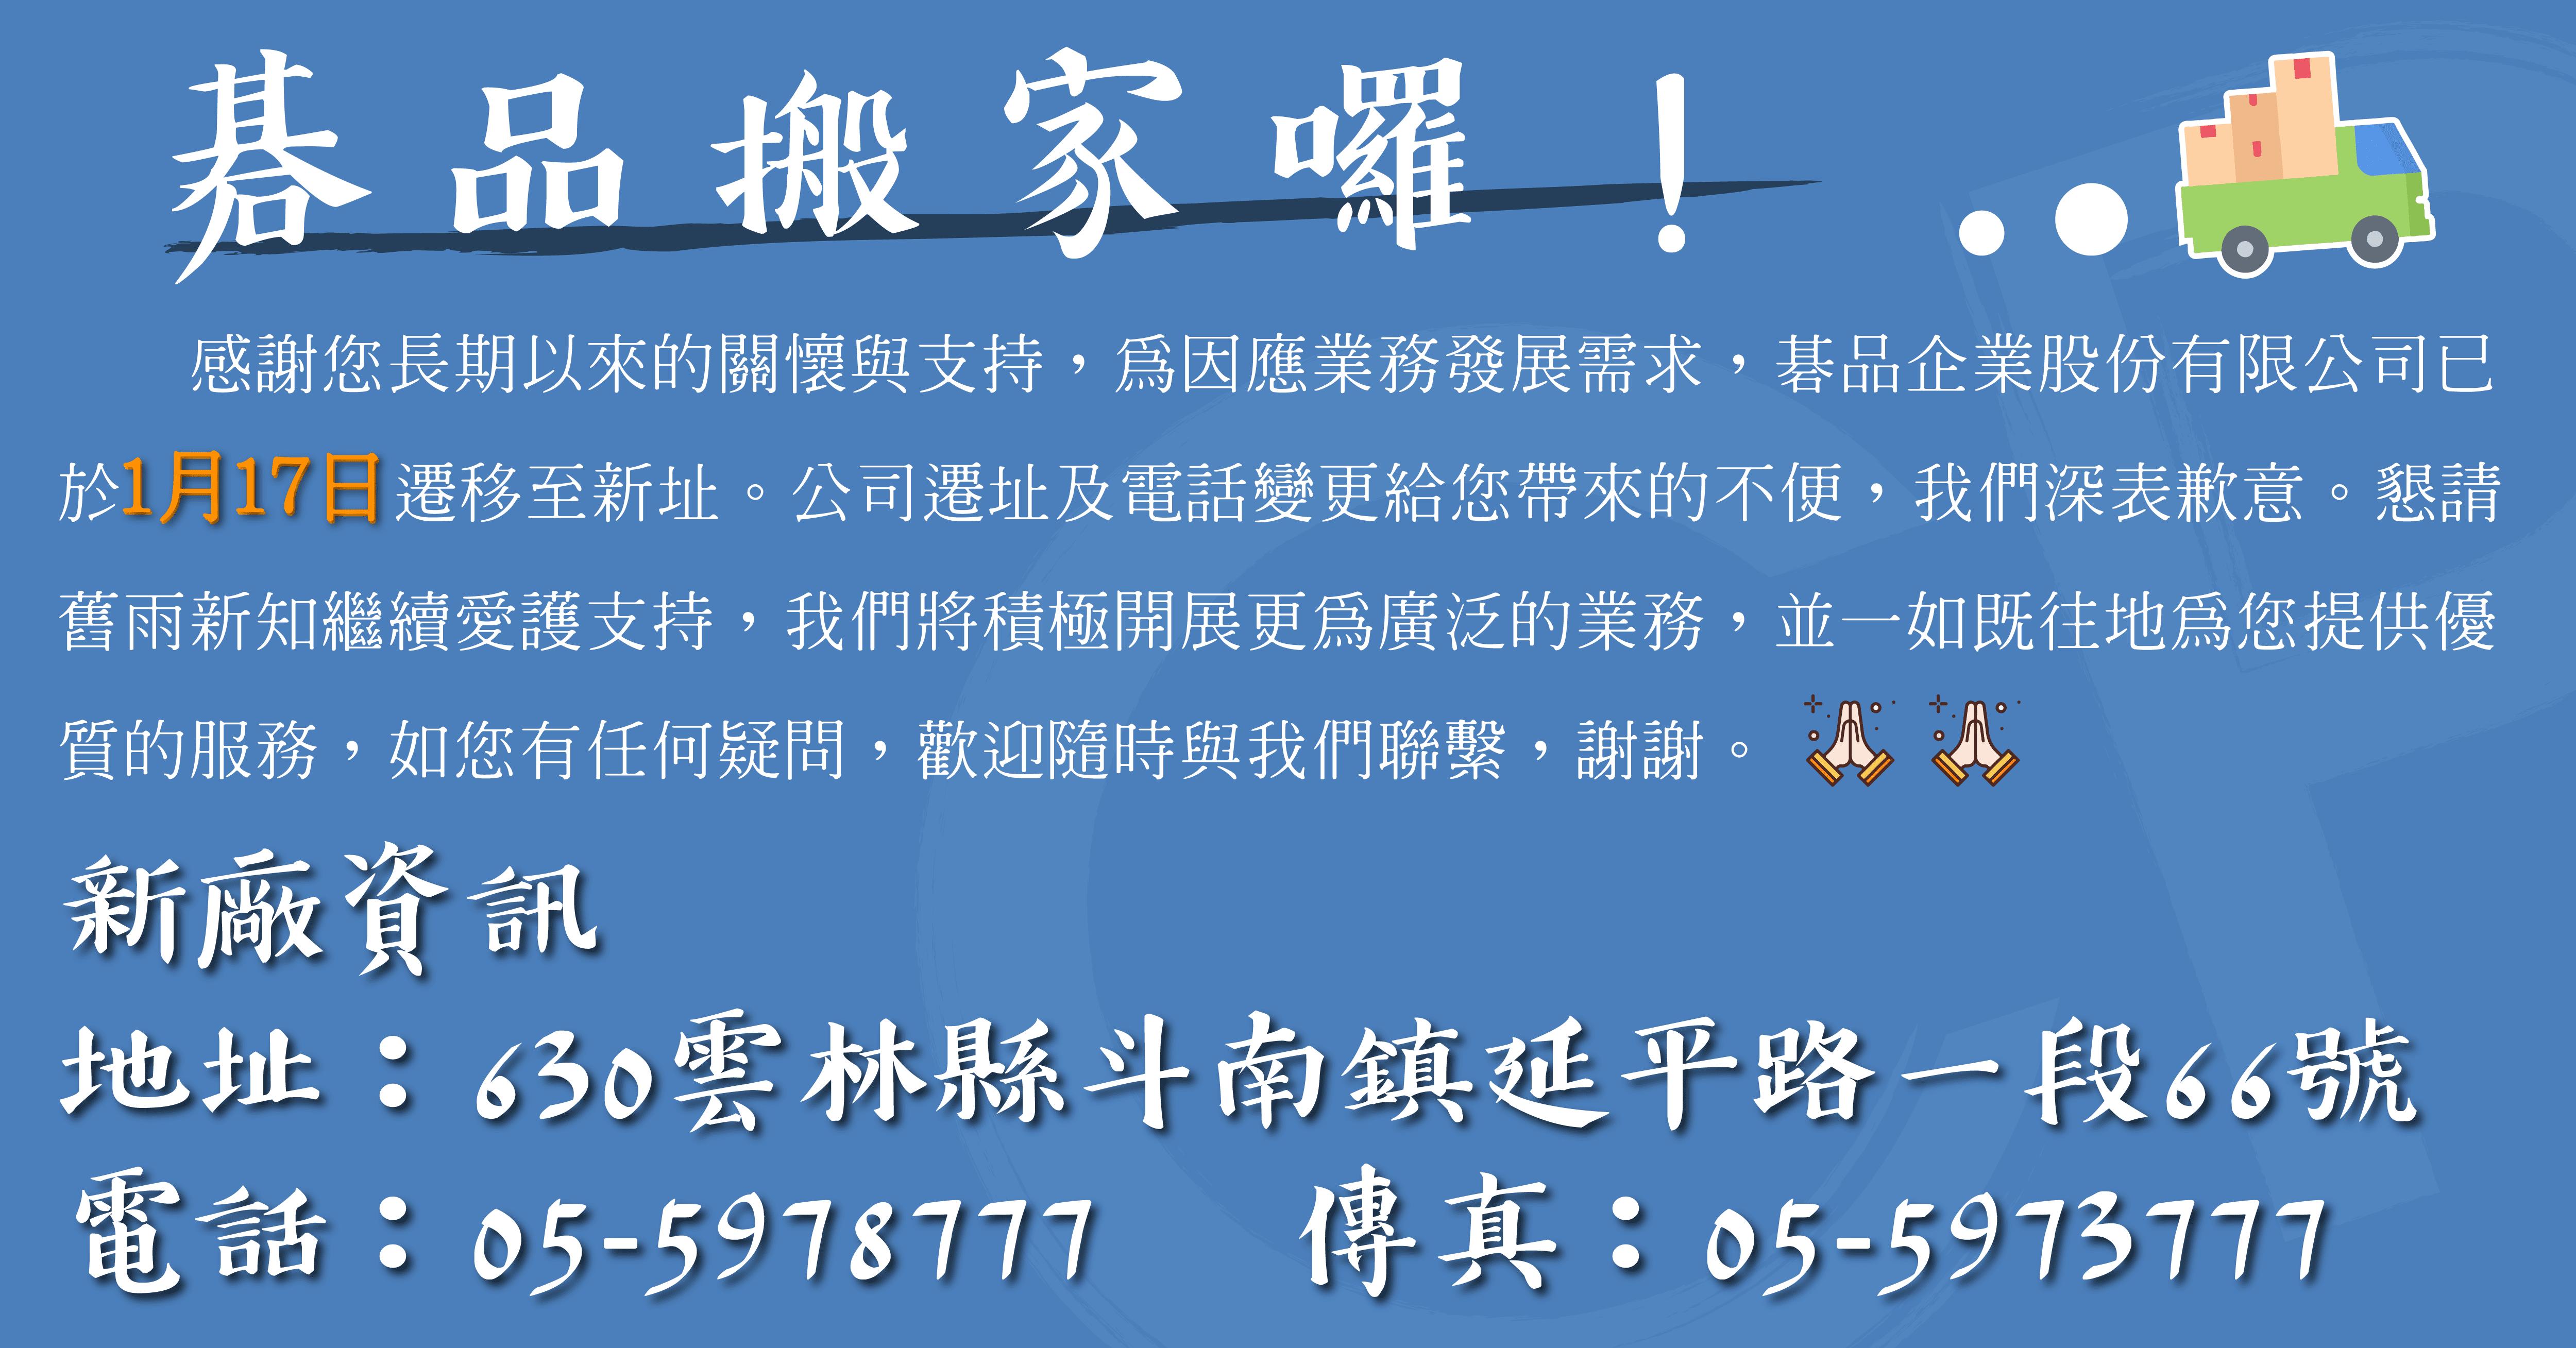 proimages/2020彈跳訊息/遷廠公告-01.png